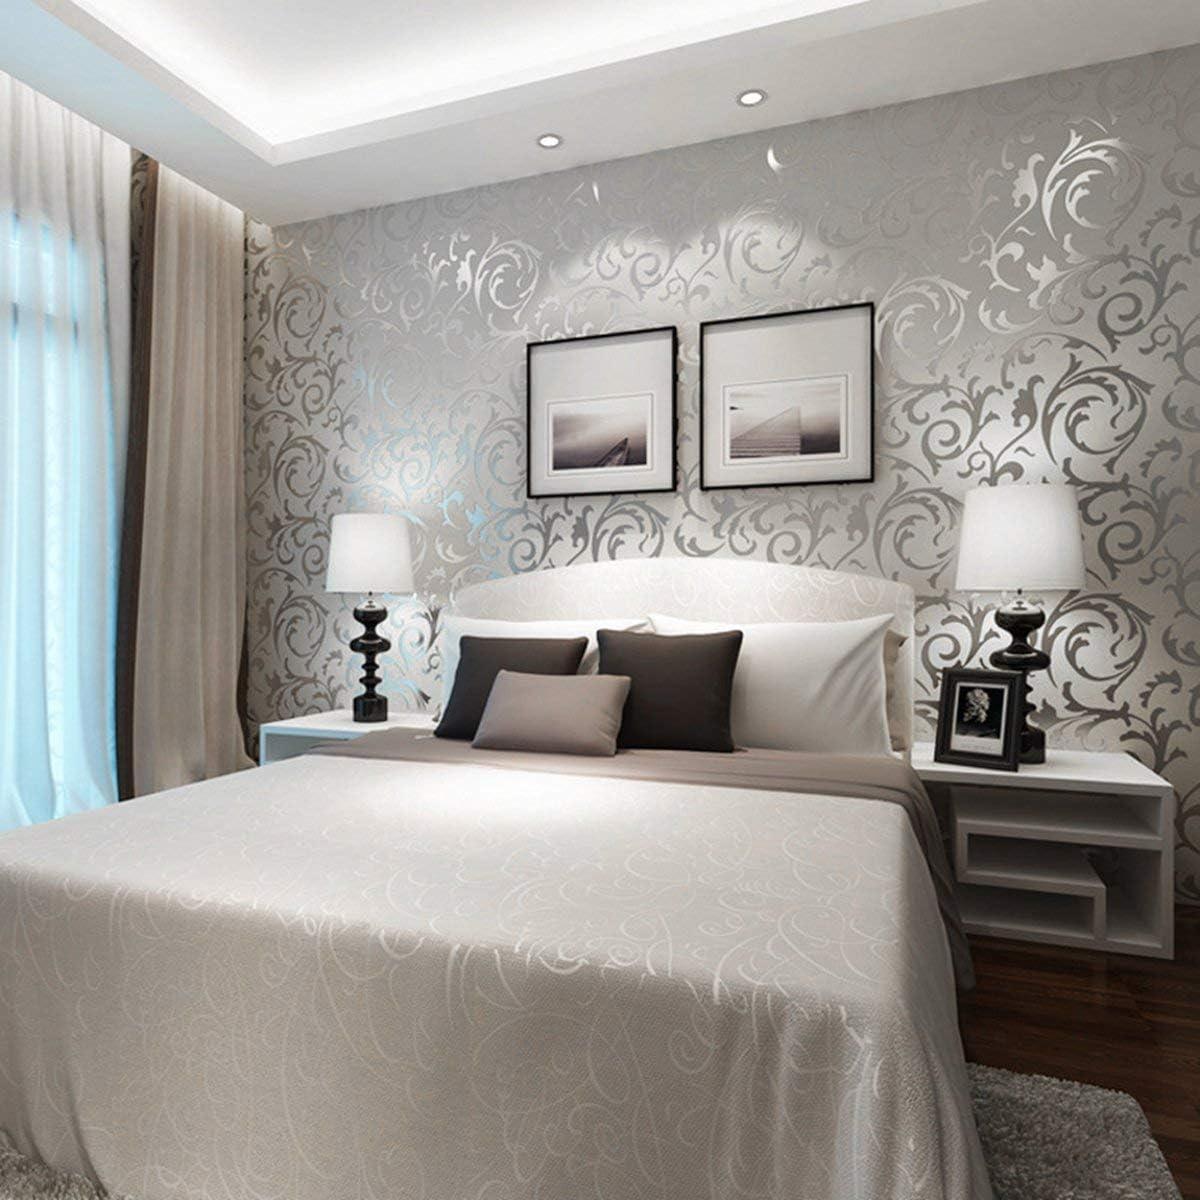 Gris plateado Papel pintado 3D no tejido de damasco de lujo de estilo europeo Papel de rollo de pared en relieve simple Decoraci/ón vertical del hogar del dormitorio